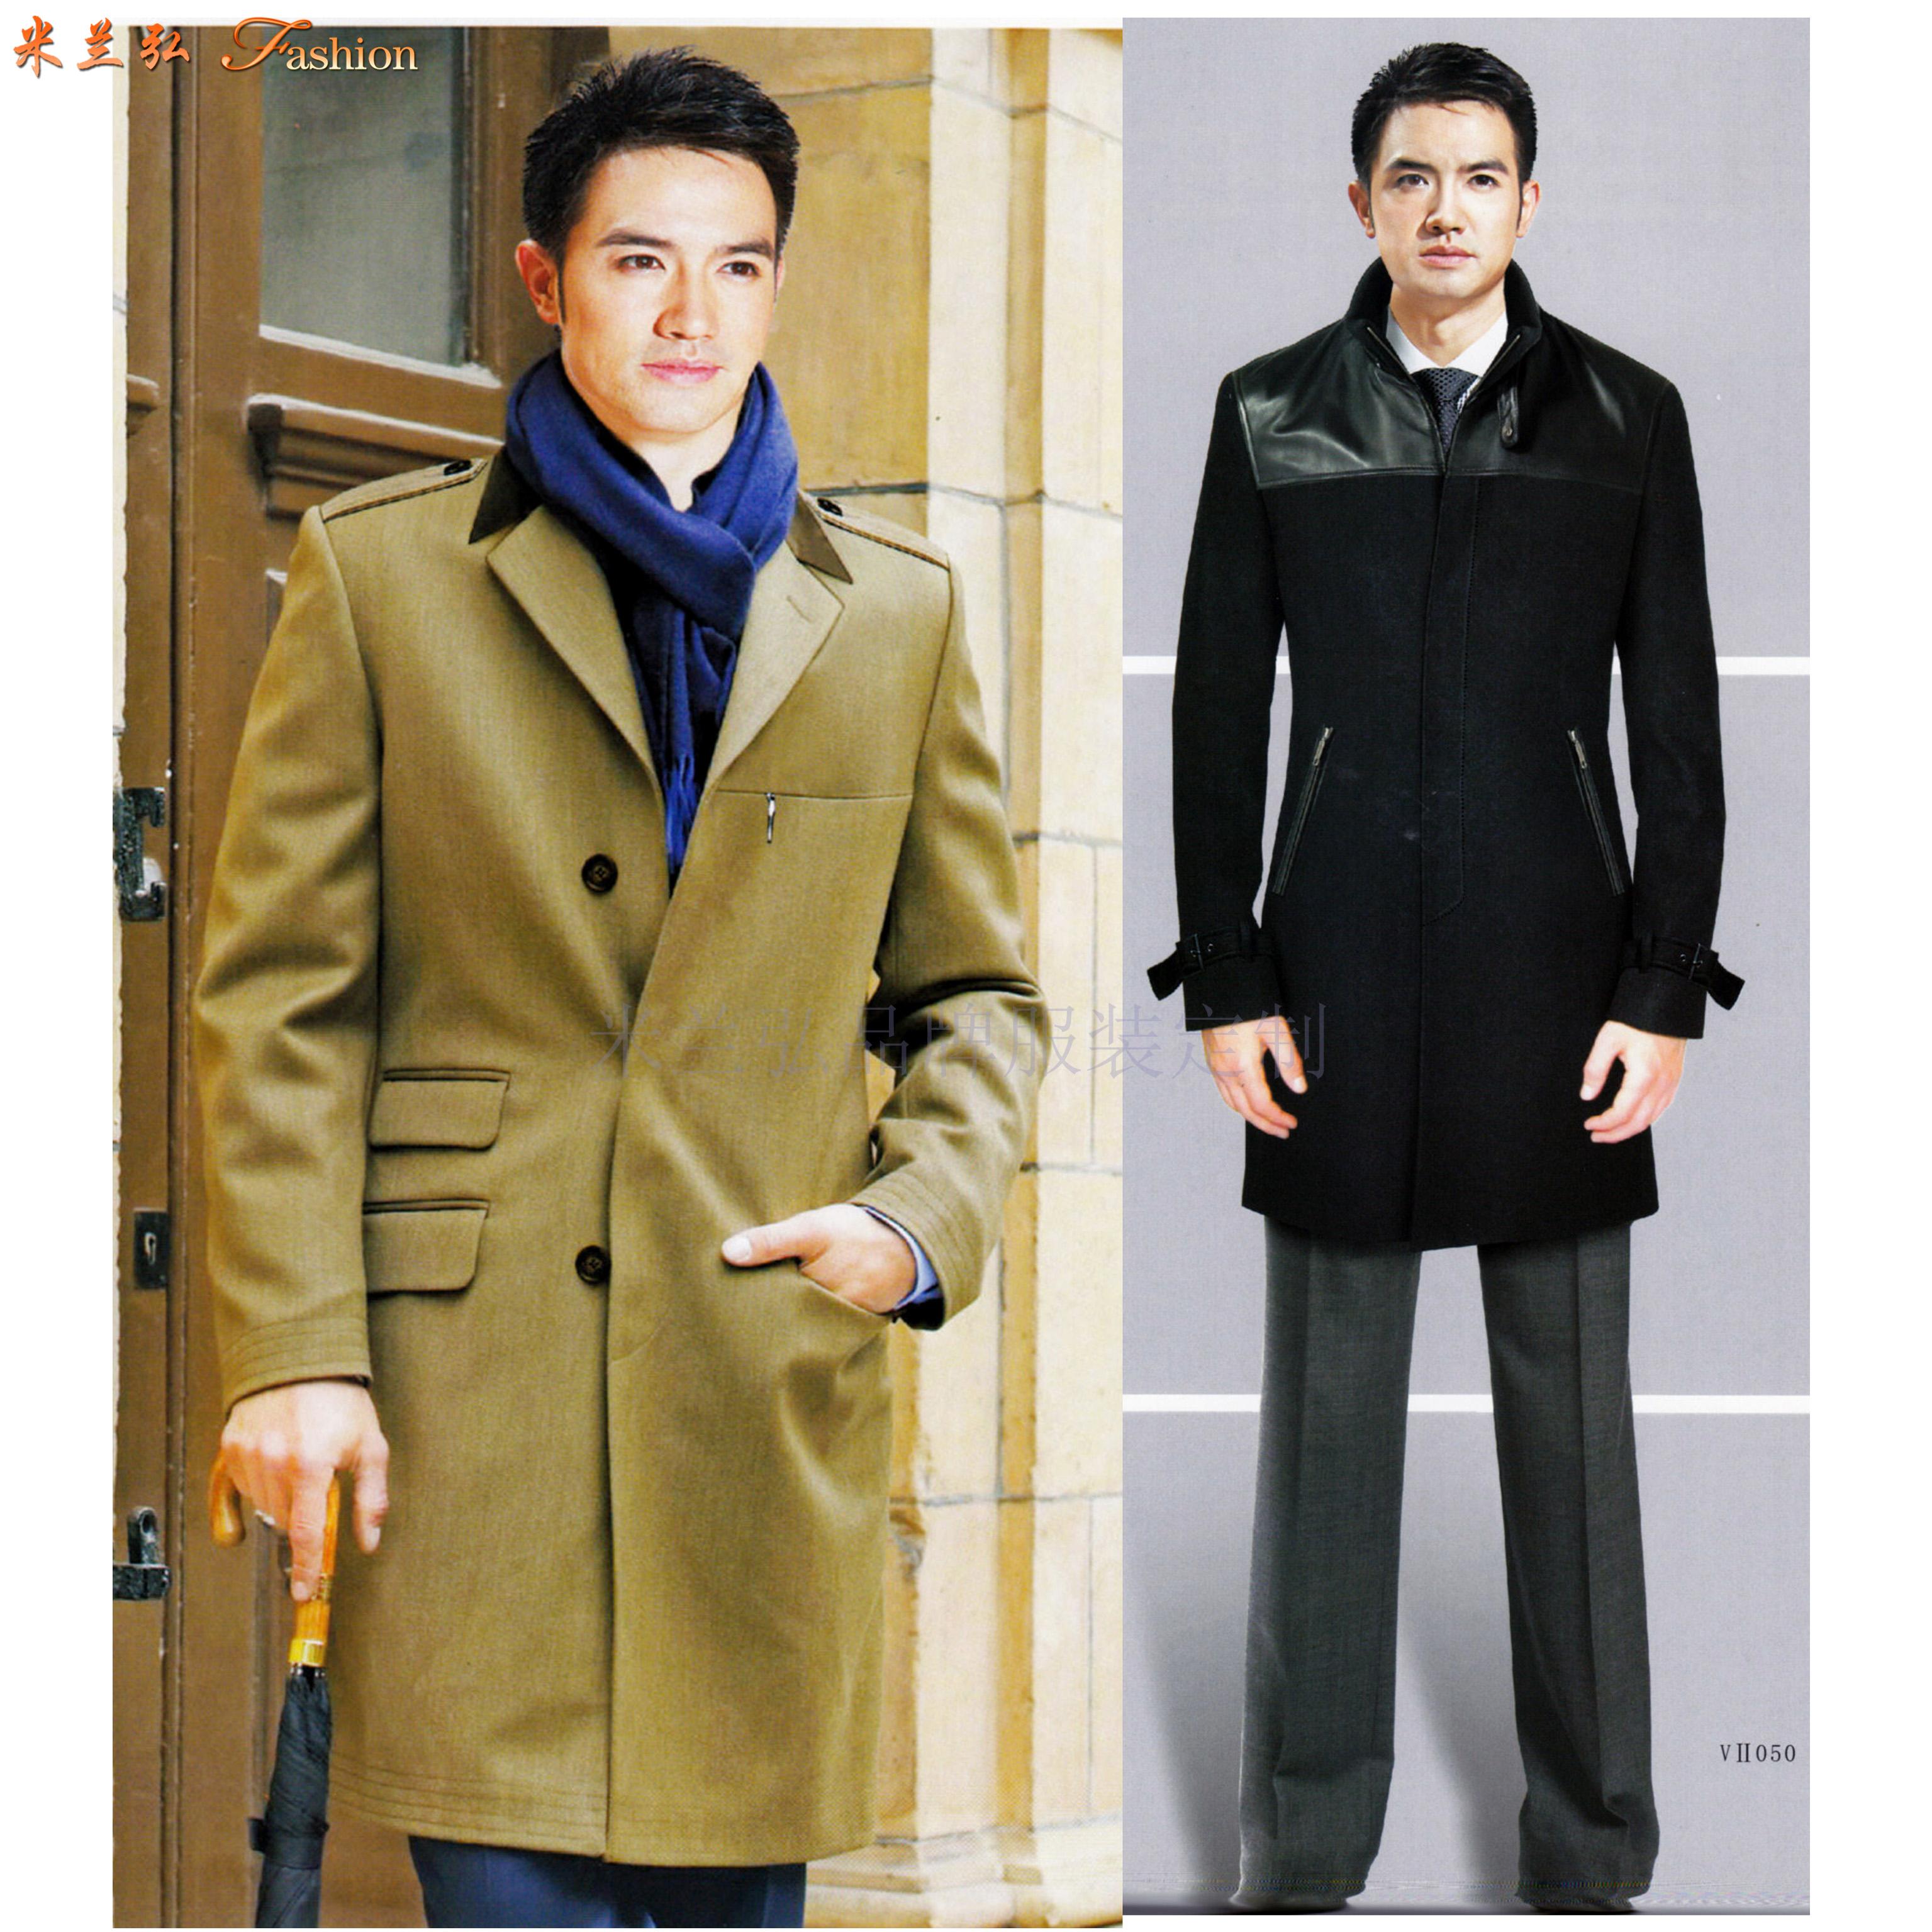 北京羊毛大衣定制-圖片_價格_流程_面料_-TOP米蘭弘大衣-6